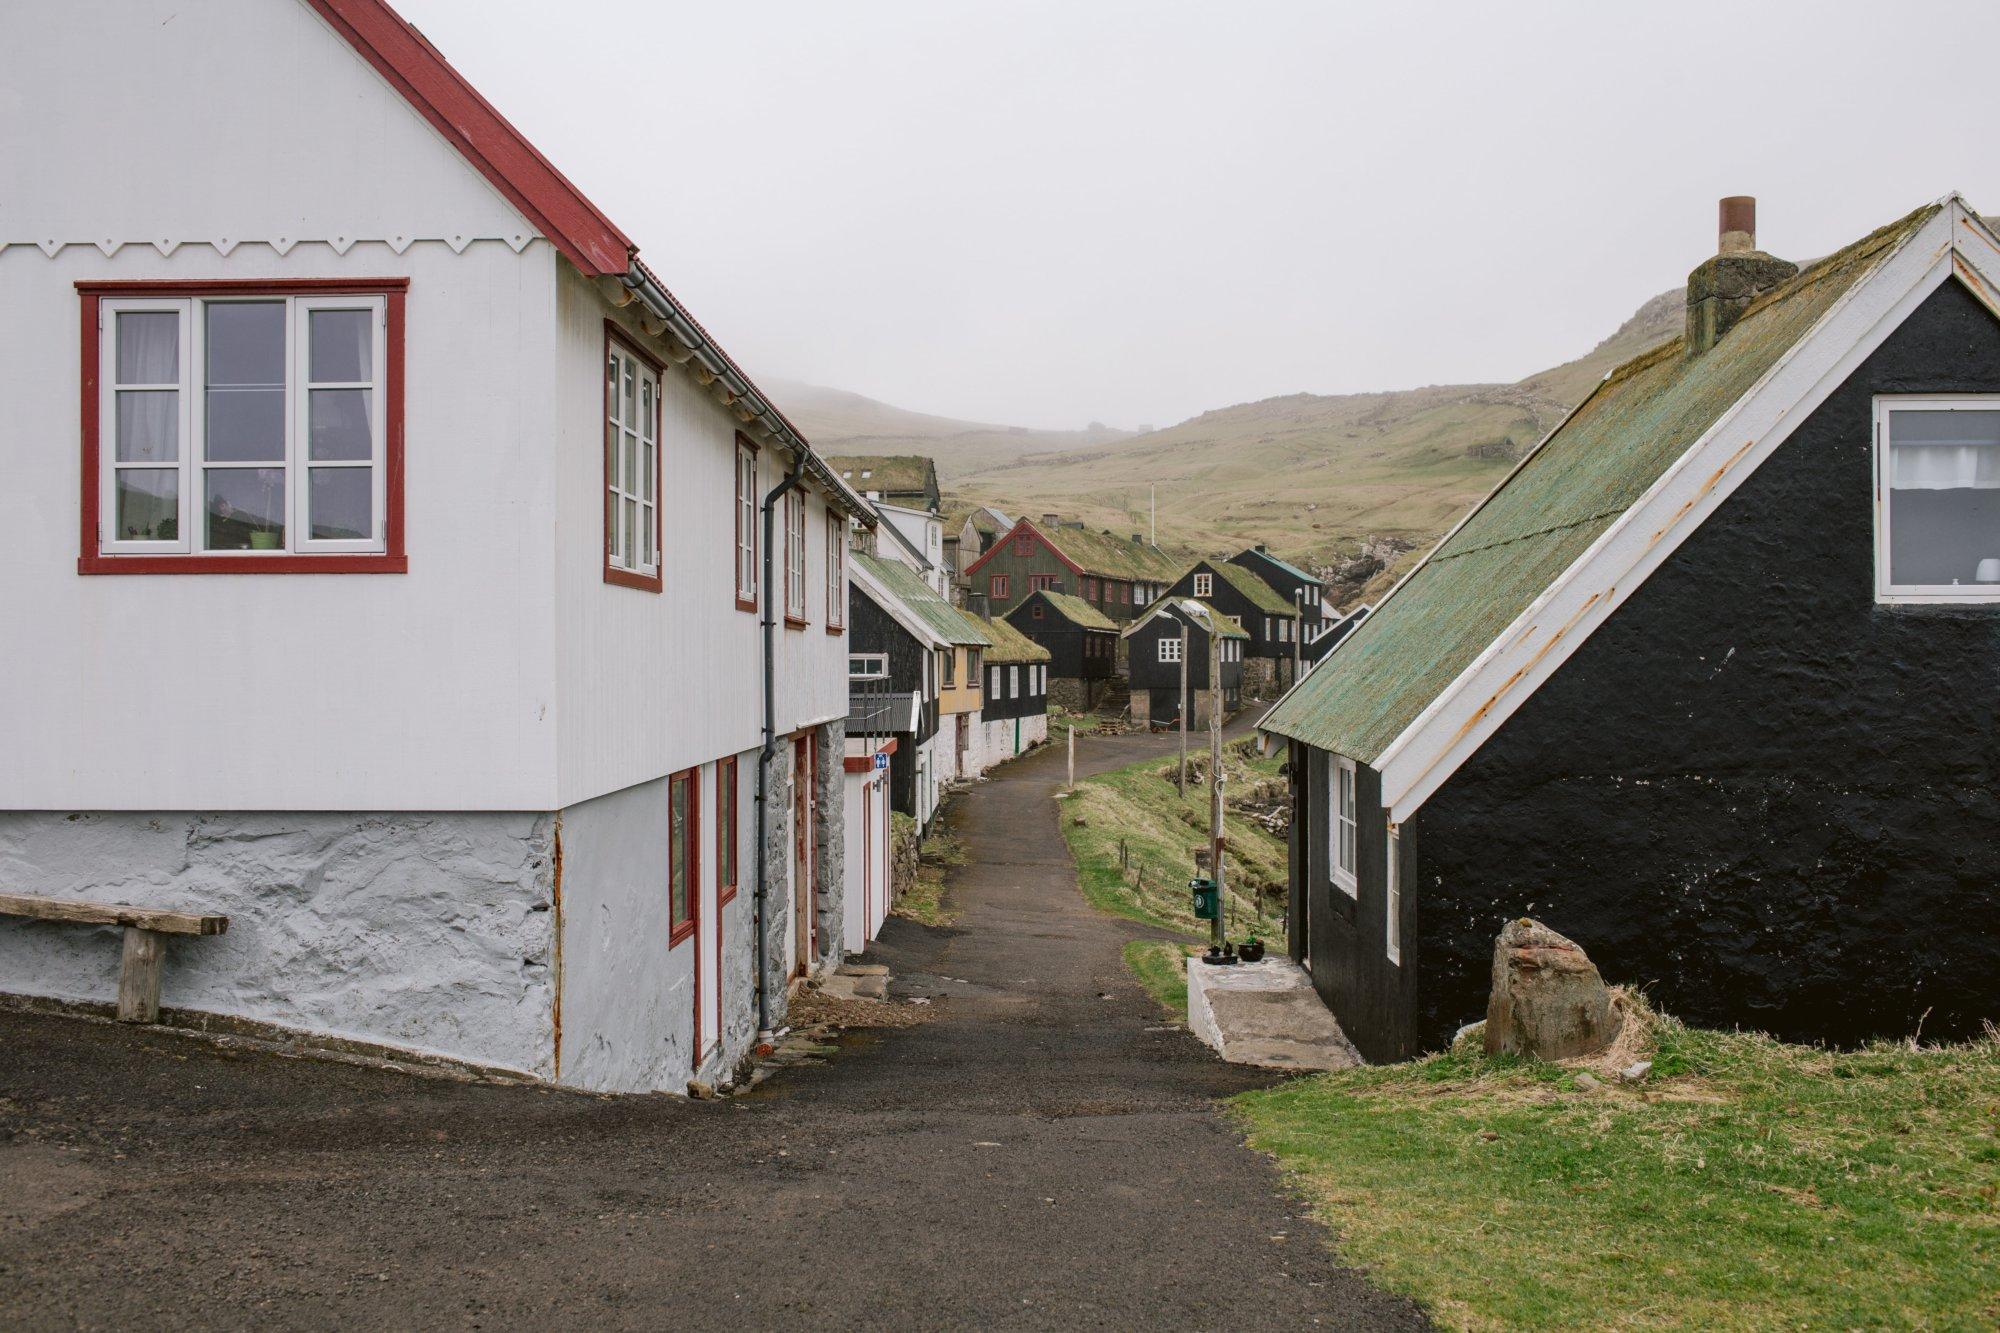 Opustoszałe uliczki Mykines na Wyspach Owczych